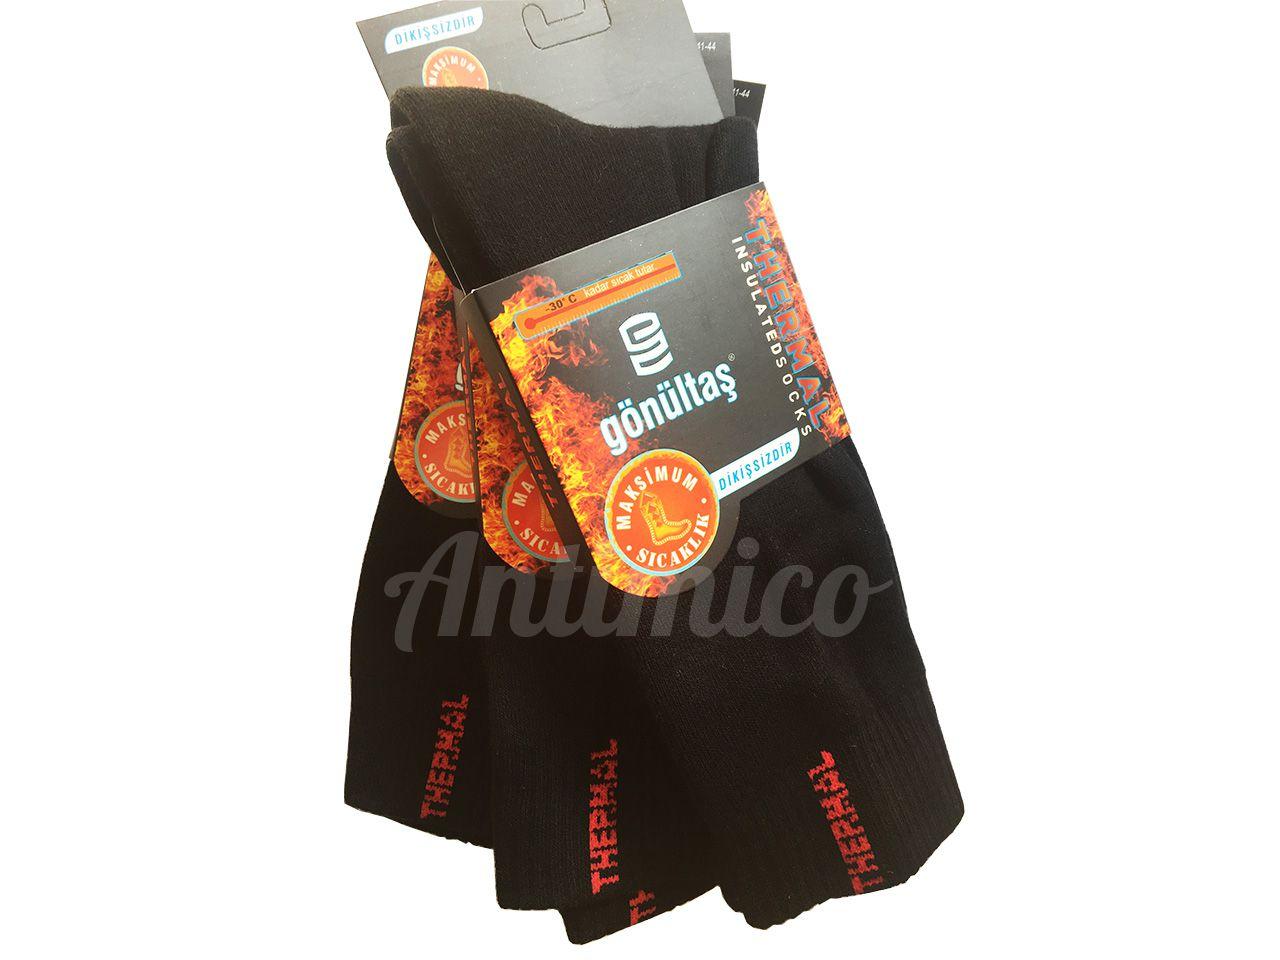 Термо памучни антибактериални мъжки чорапи 3 чифта